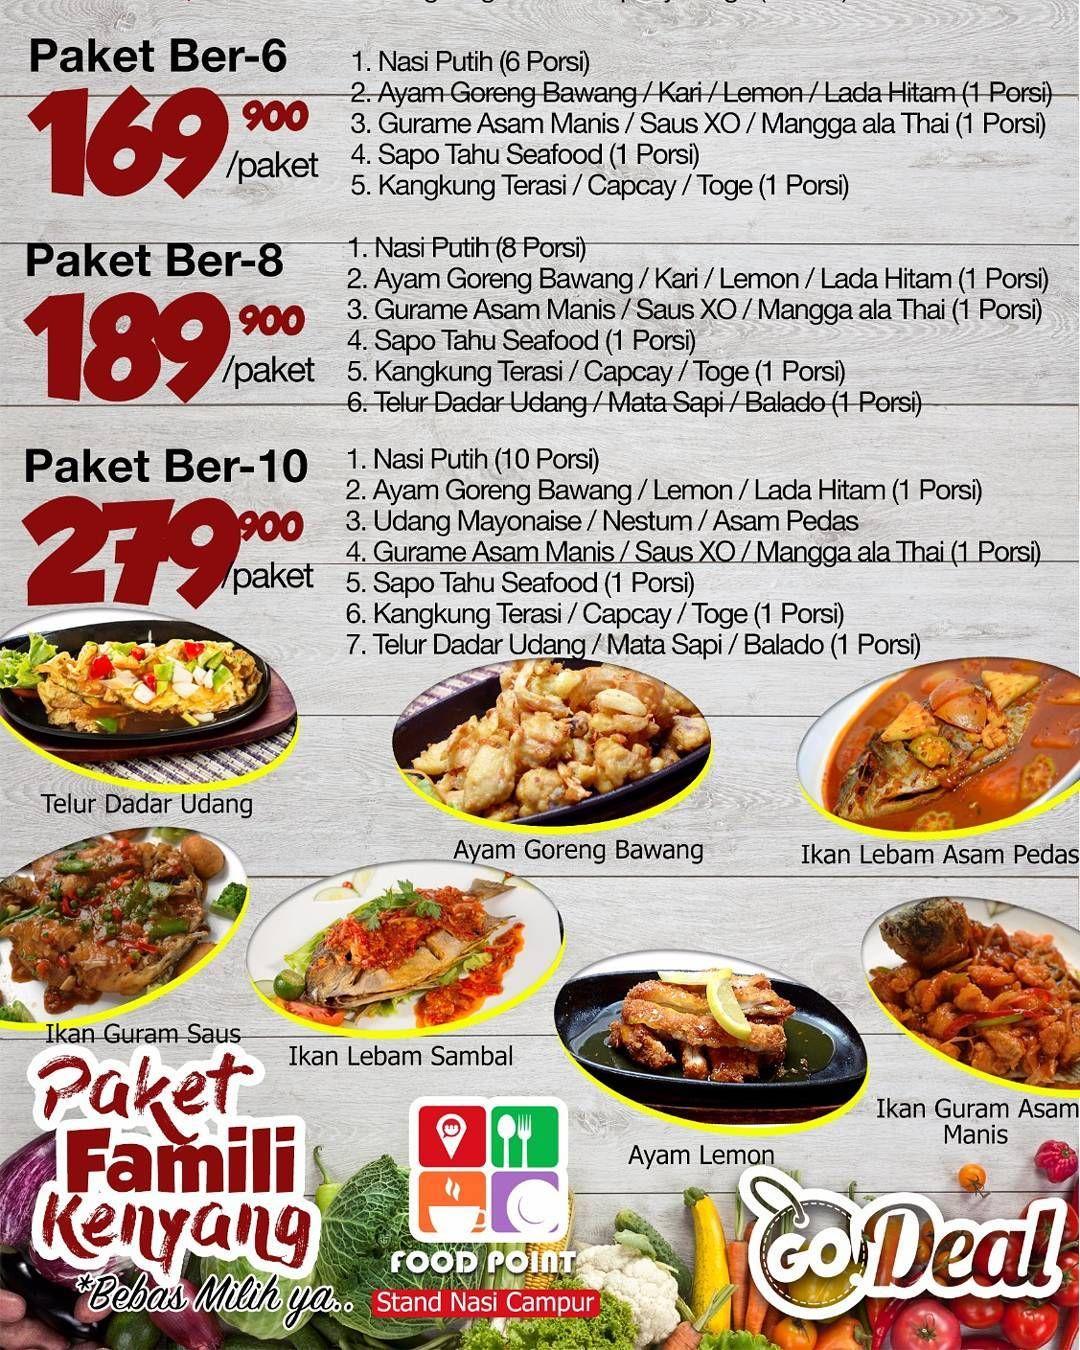 Paket Keluarga Ber 4 Mulai Dari Rp 149 9000 Paket Hemat Makan Di Foodpoint Kini Tersedia Di Godeal Nikmati Berbagai Paket Dengan Harga Ya Kari Makanan Lemon